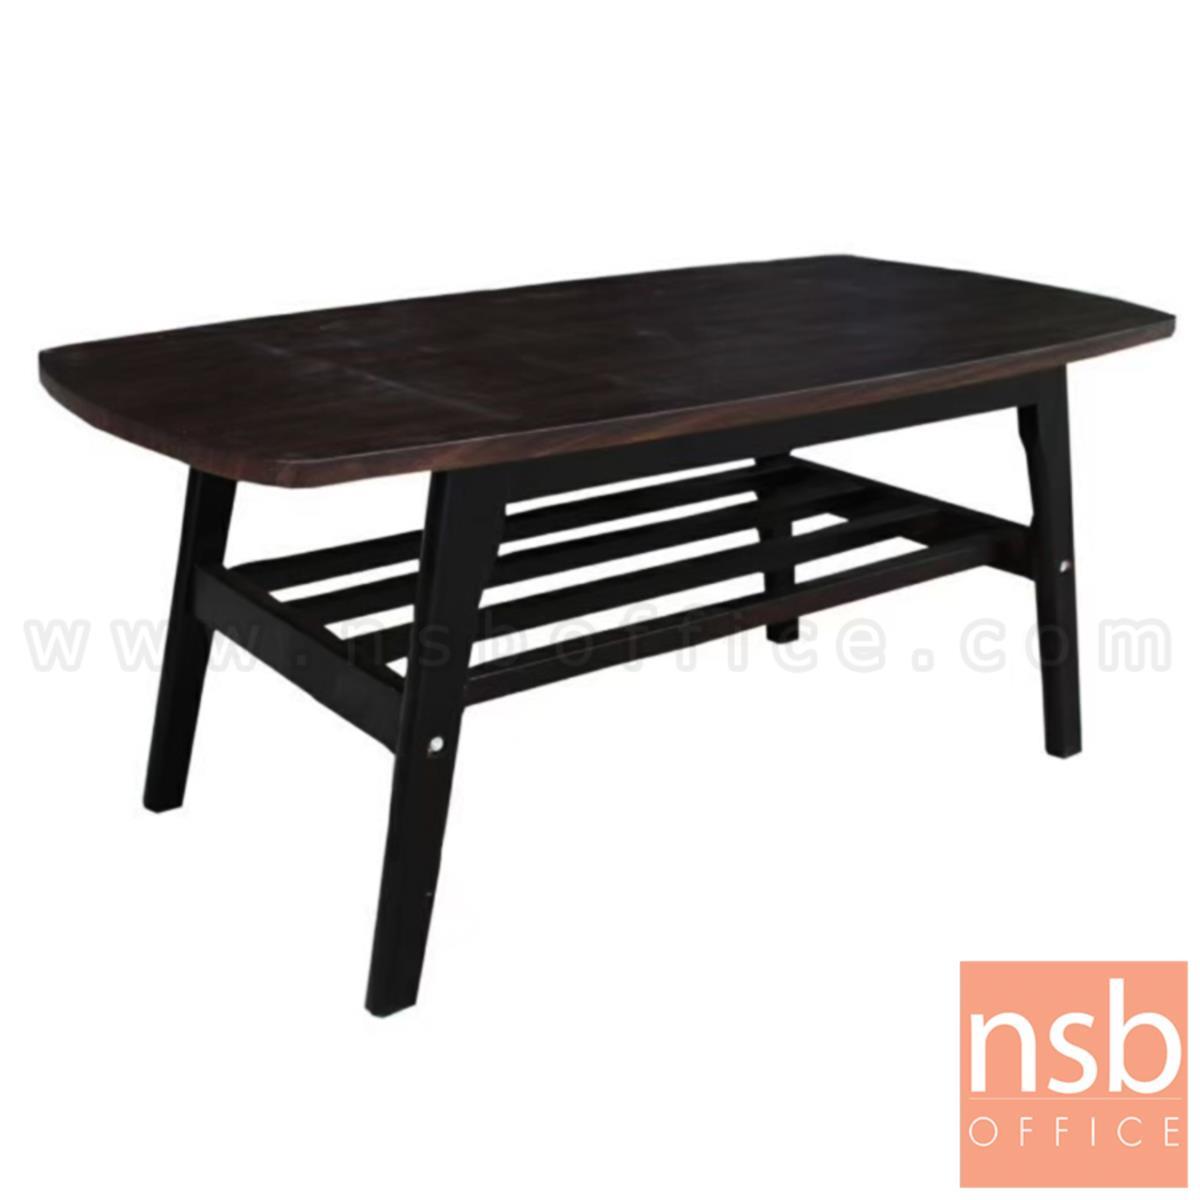 B13A291:โต๊ะกลางไม้จริง รุ่น Milner (มิลเนอร์) ขนาด 100W cm. ขาไม้